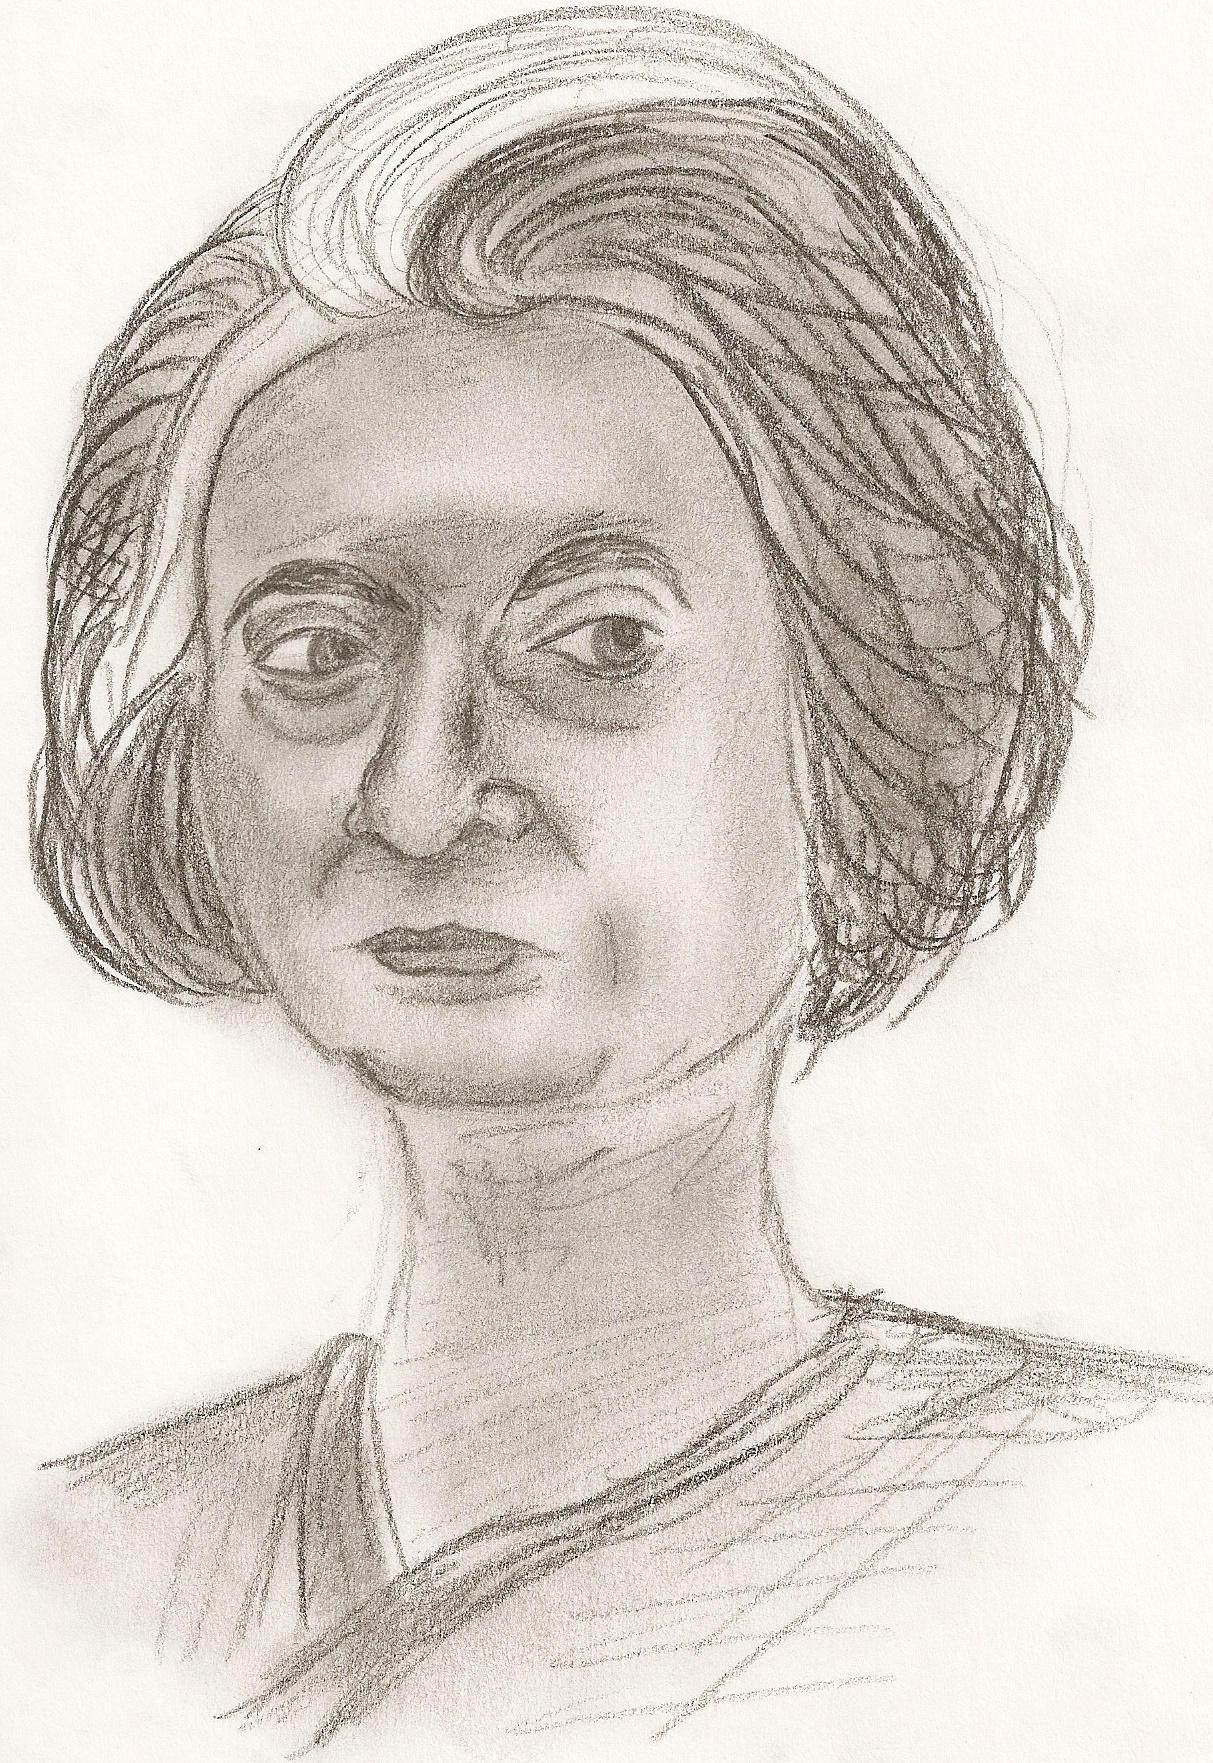 http://fc00.deviantart.com/fs12/i/2006/304/f/8/Indira_Gandhi_by_laelastella.jpg